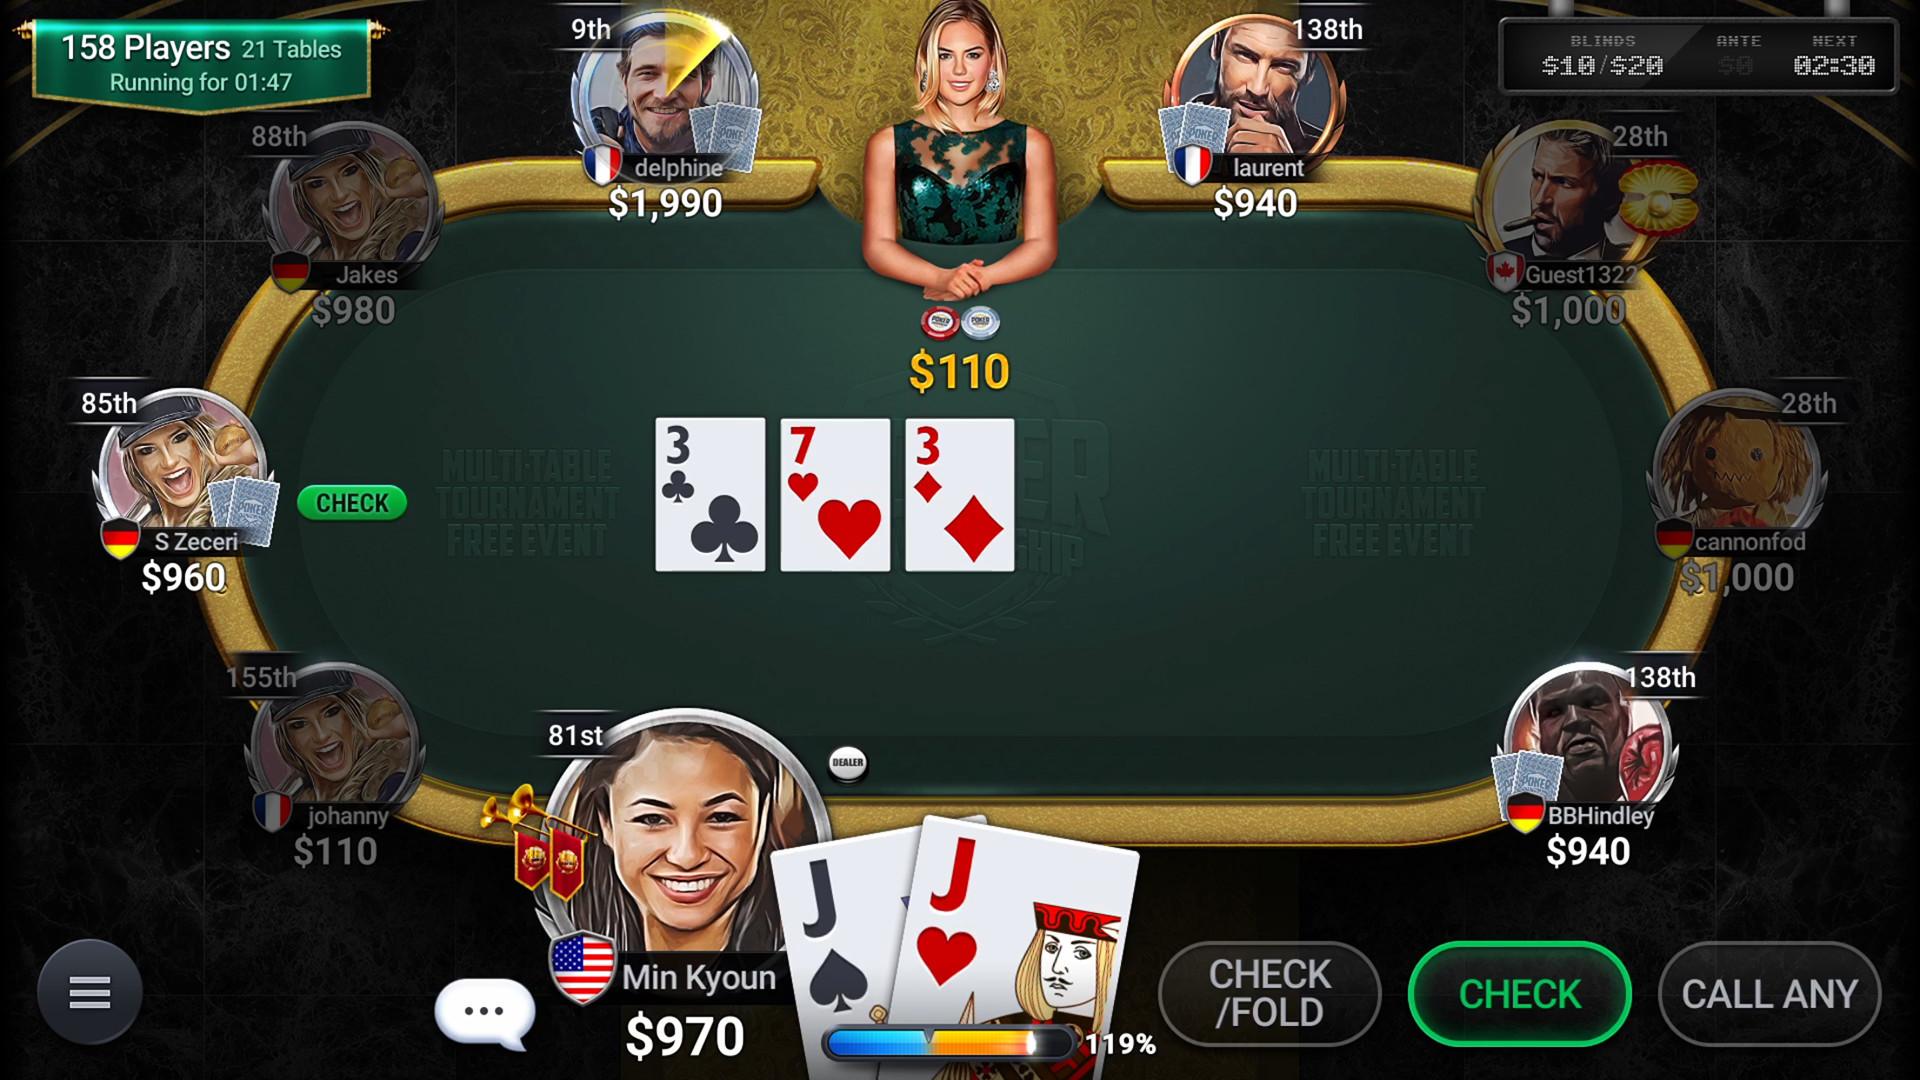 Игра покер онлайн пк first online casino games